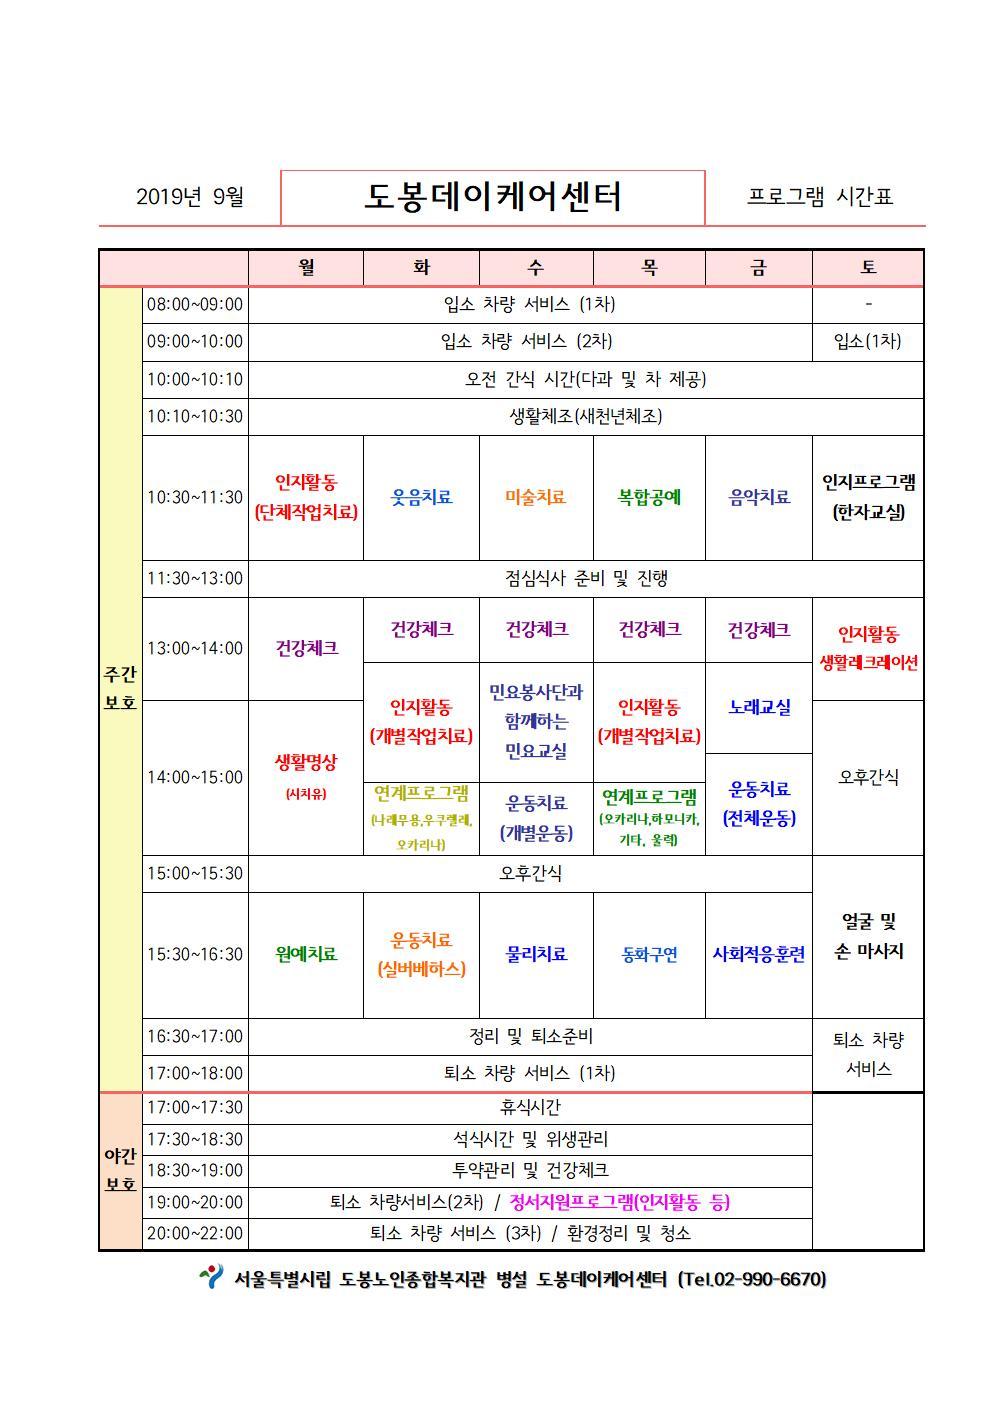 2019년 프로그램 시간표(9월)001.jpg